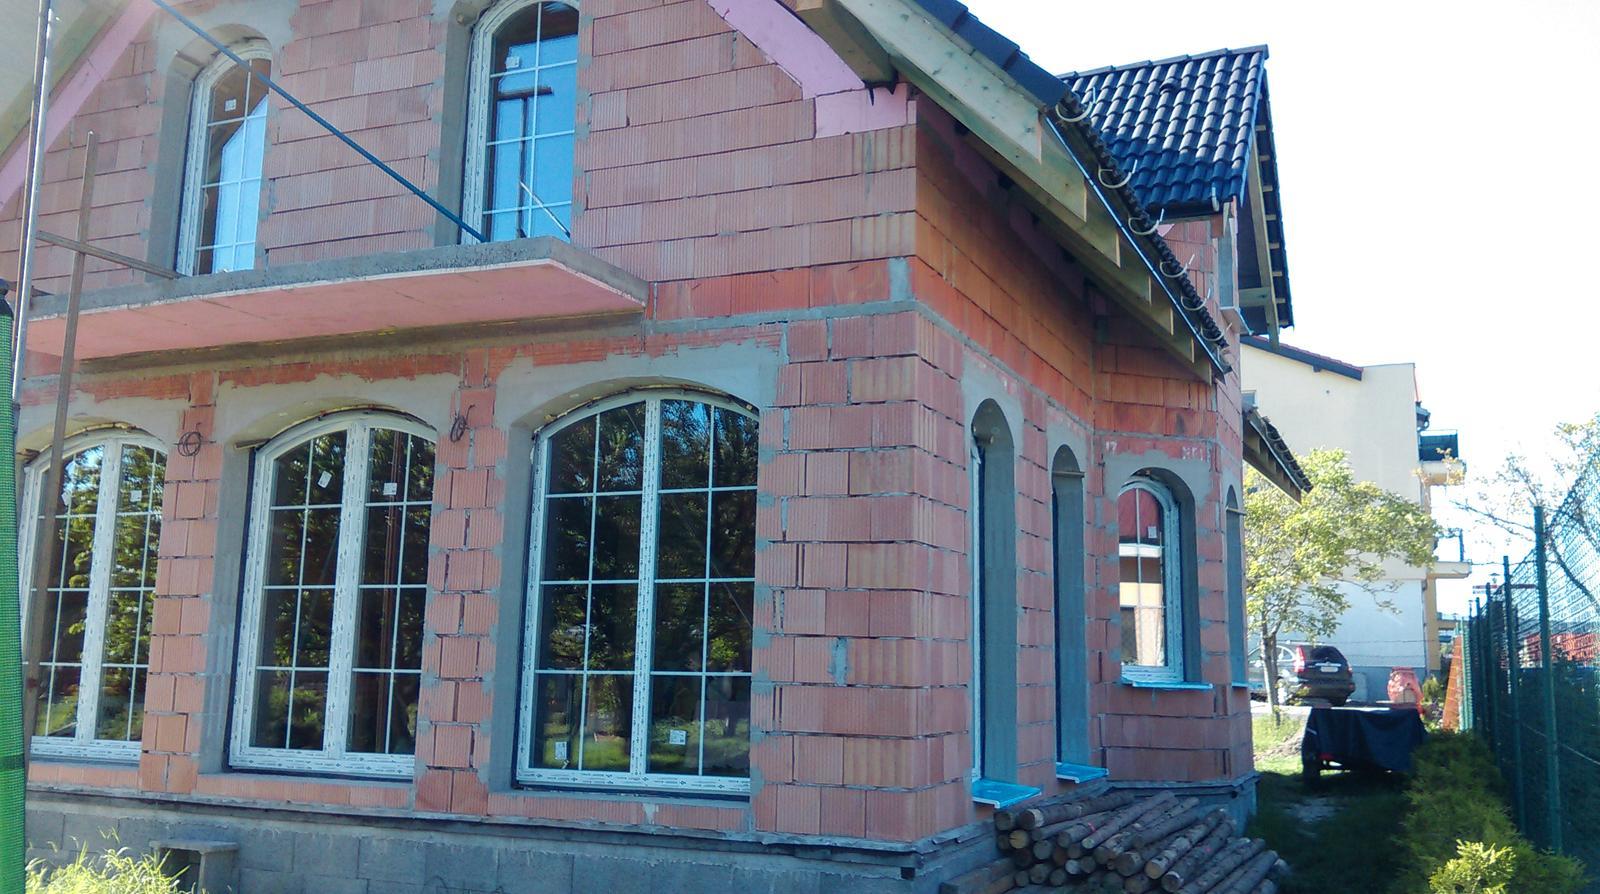 Nas zamocek - Klassik 148 prodom - v zadu - francuzske okna